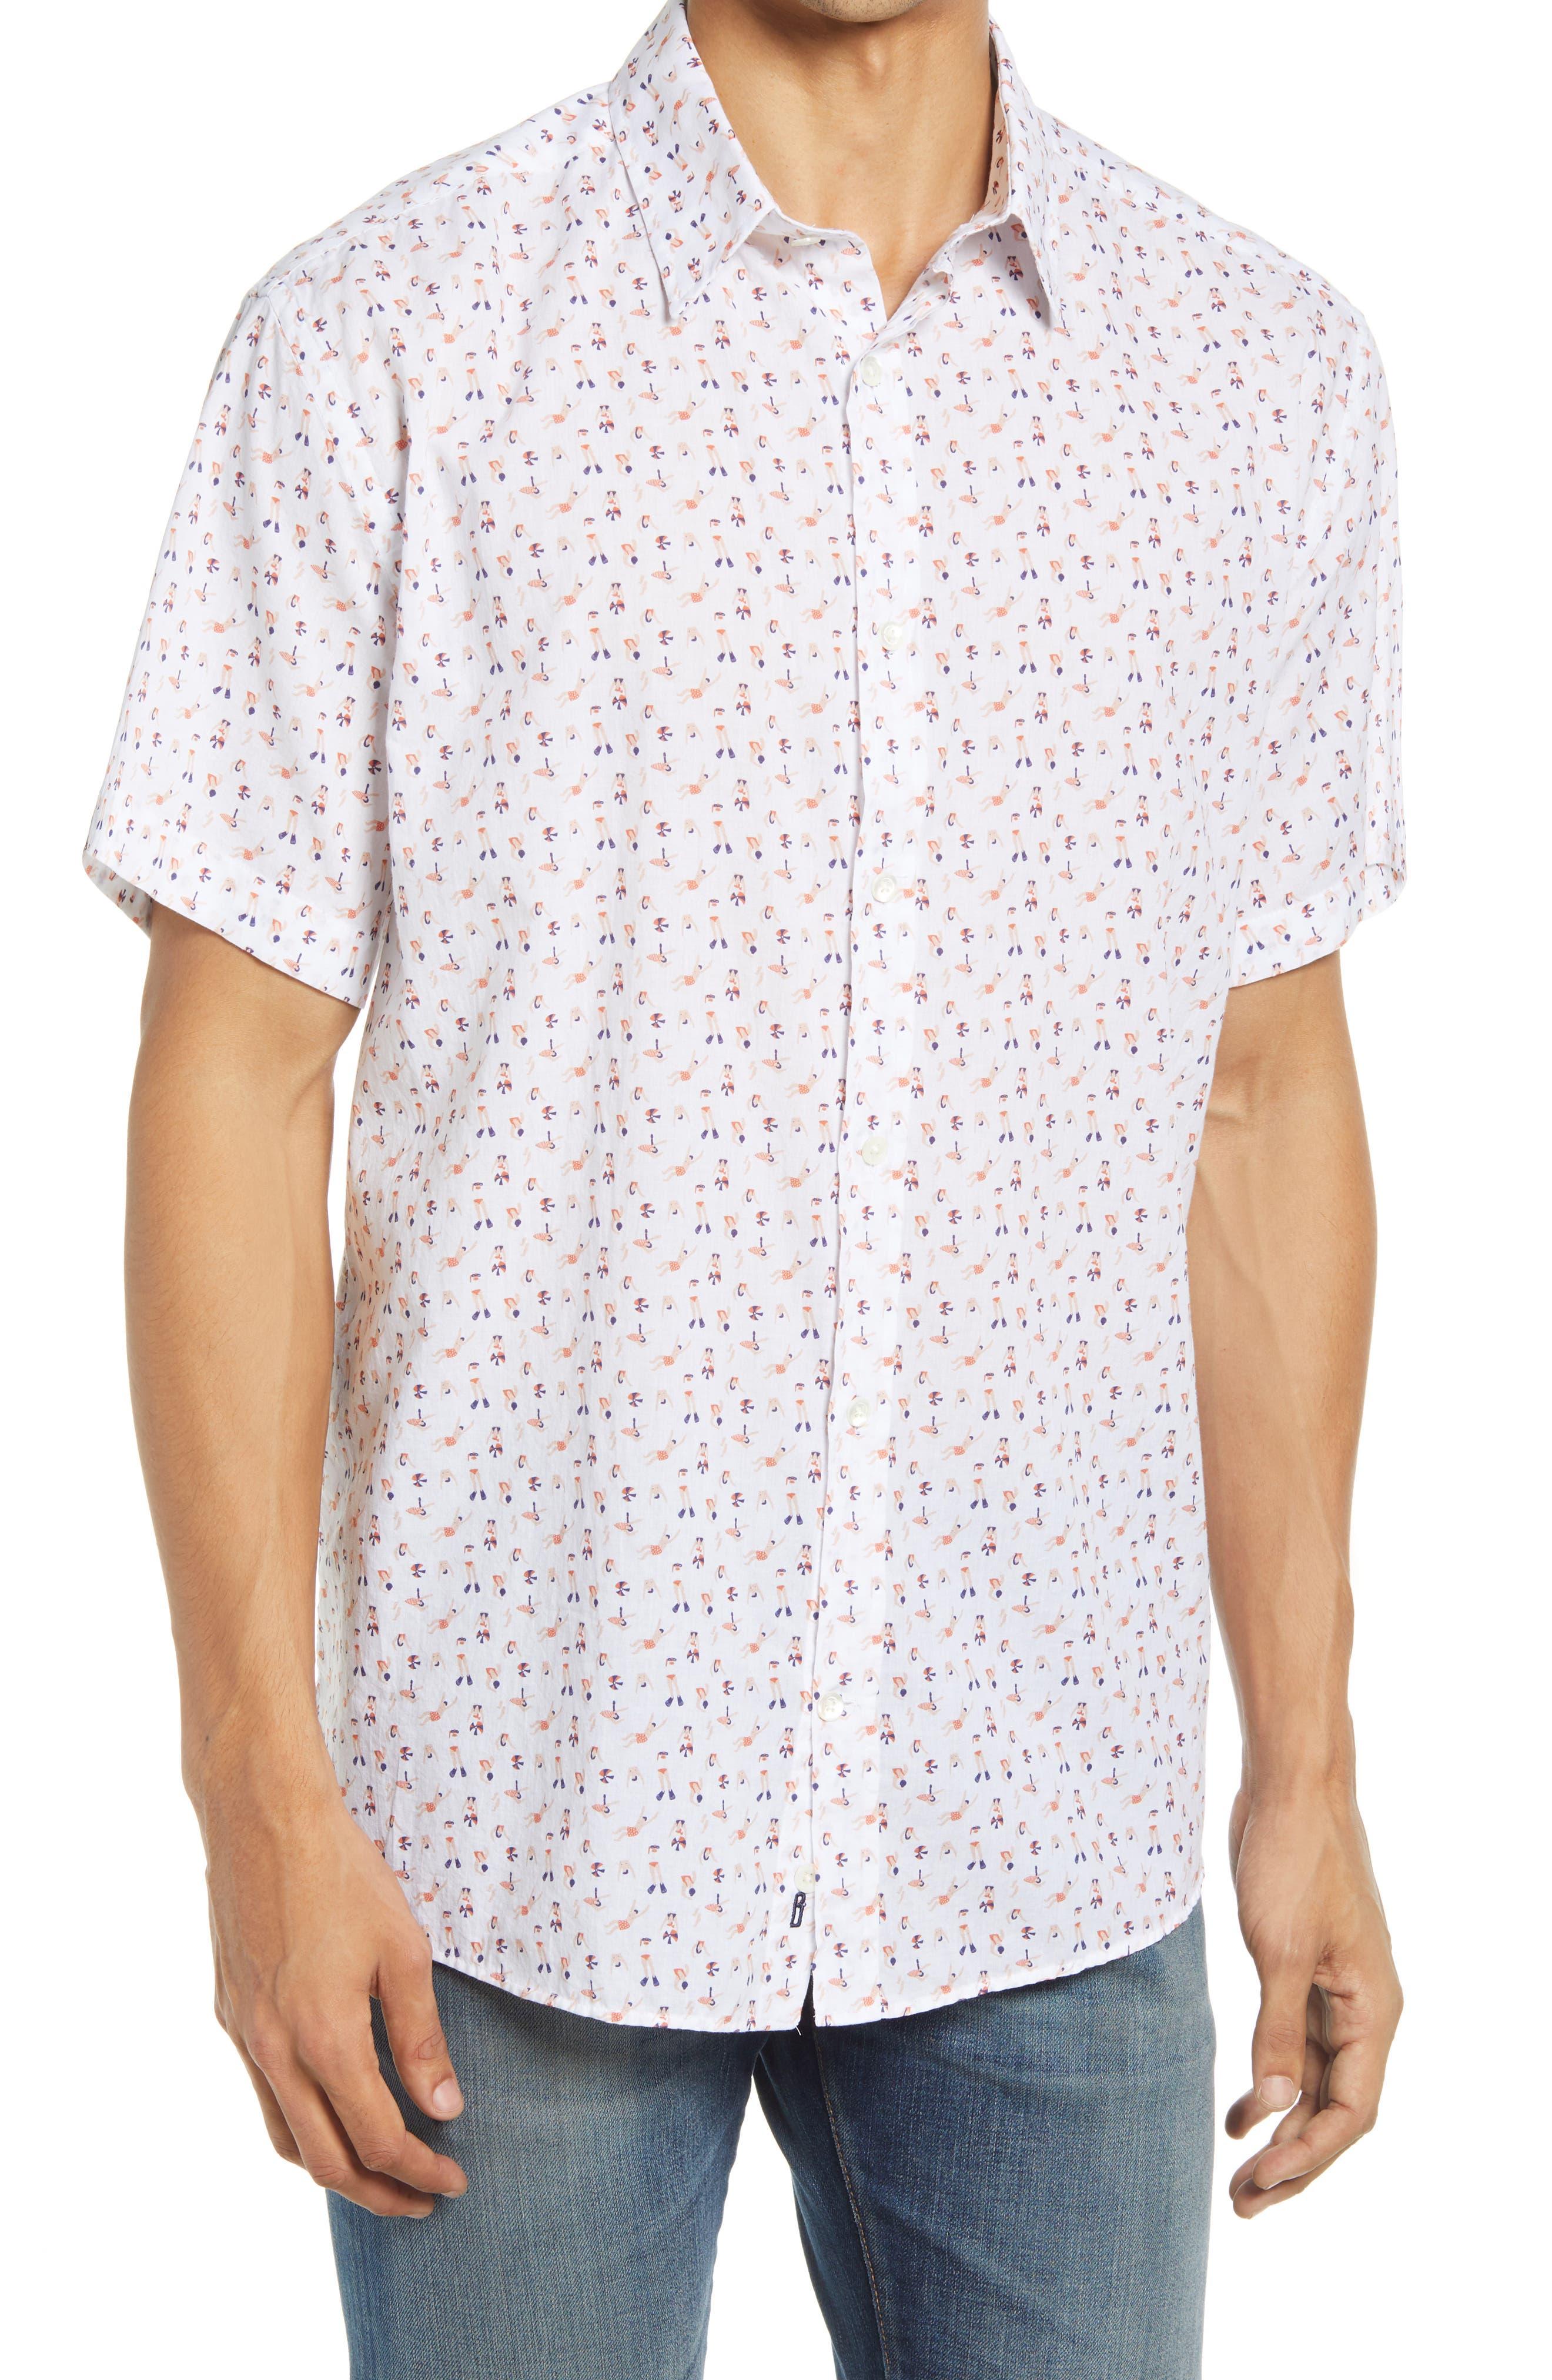 Swimmer Print Short Sleeve Button-Up Shirt